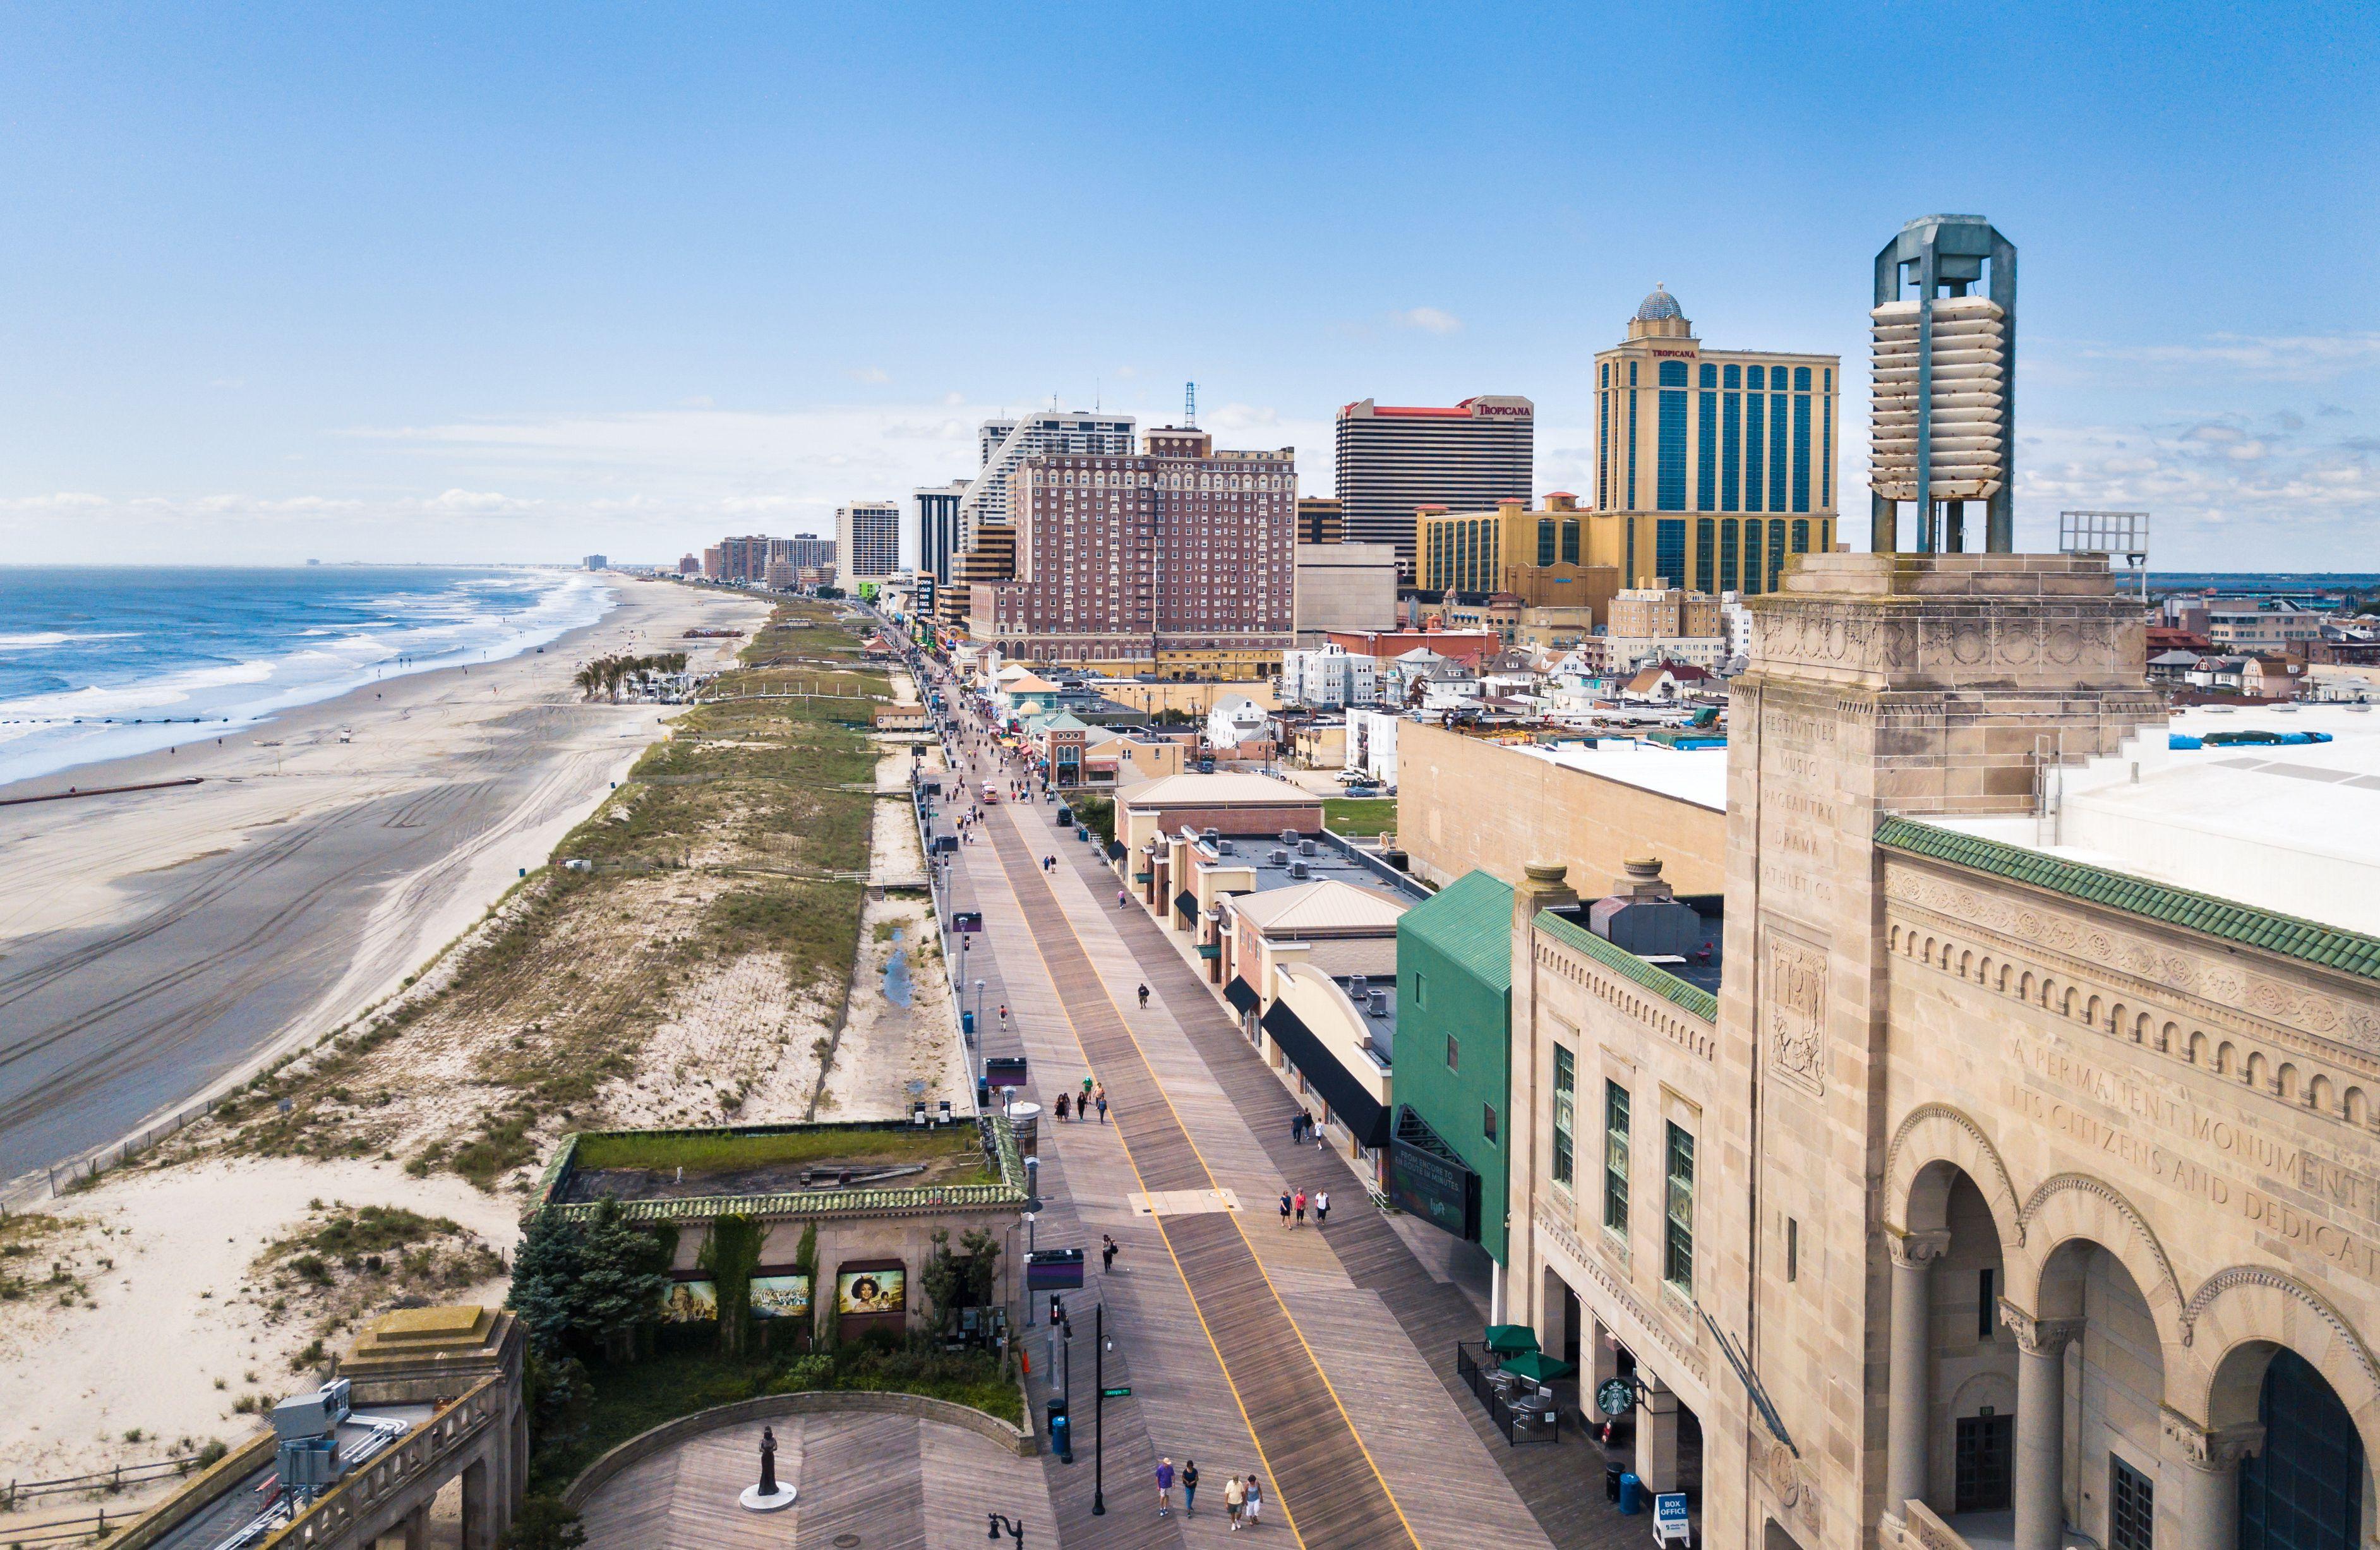 Atlantic City boardwalk aerial view